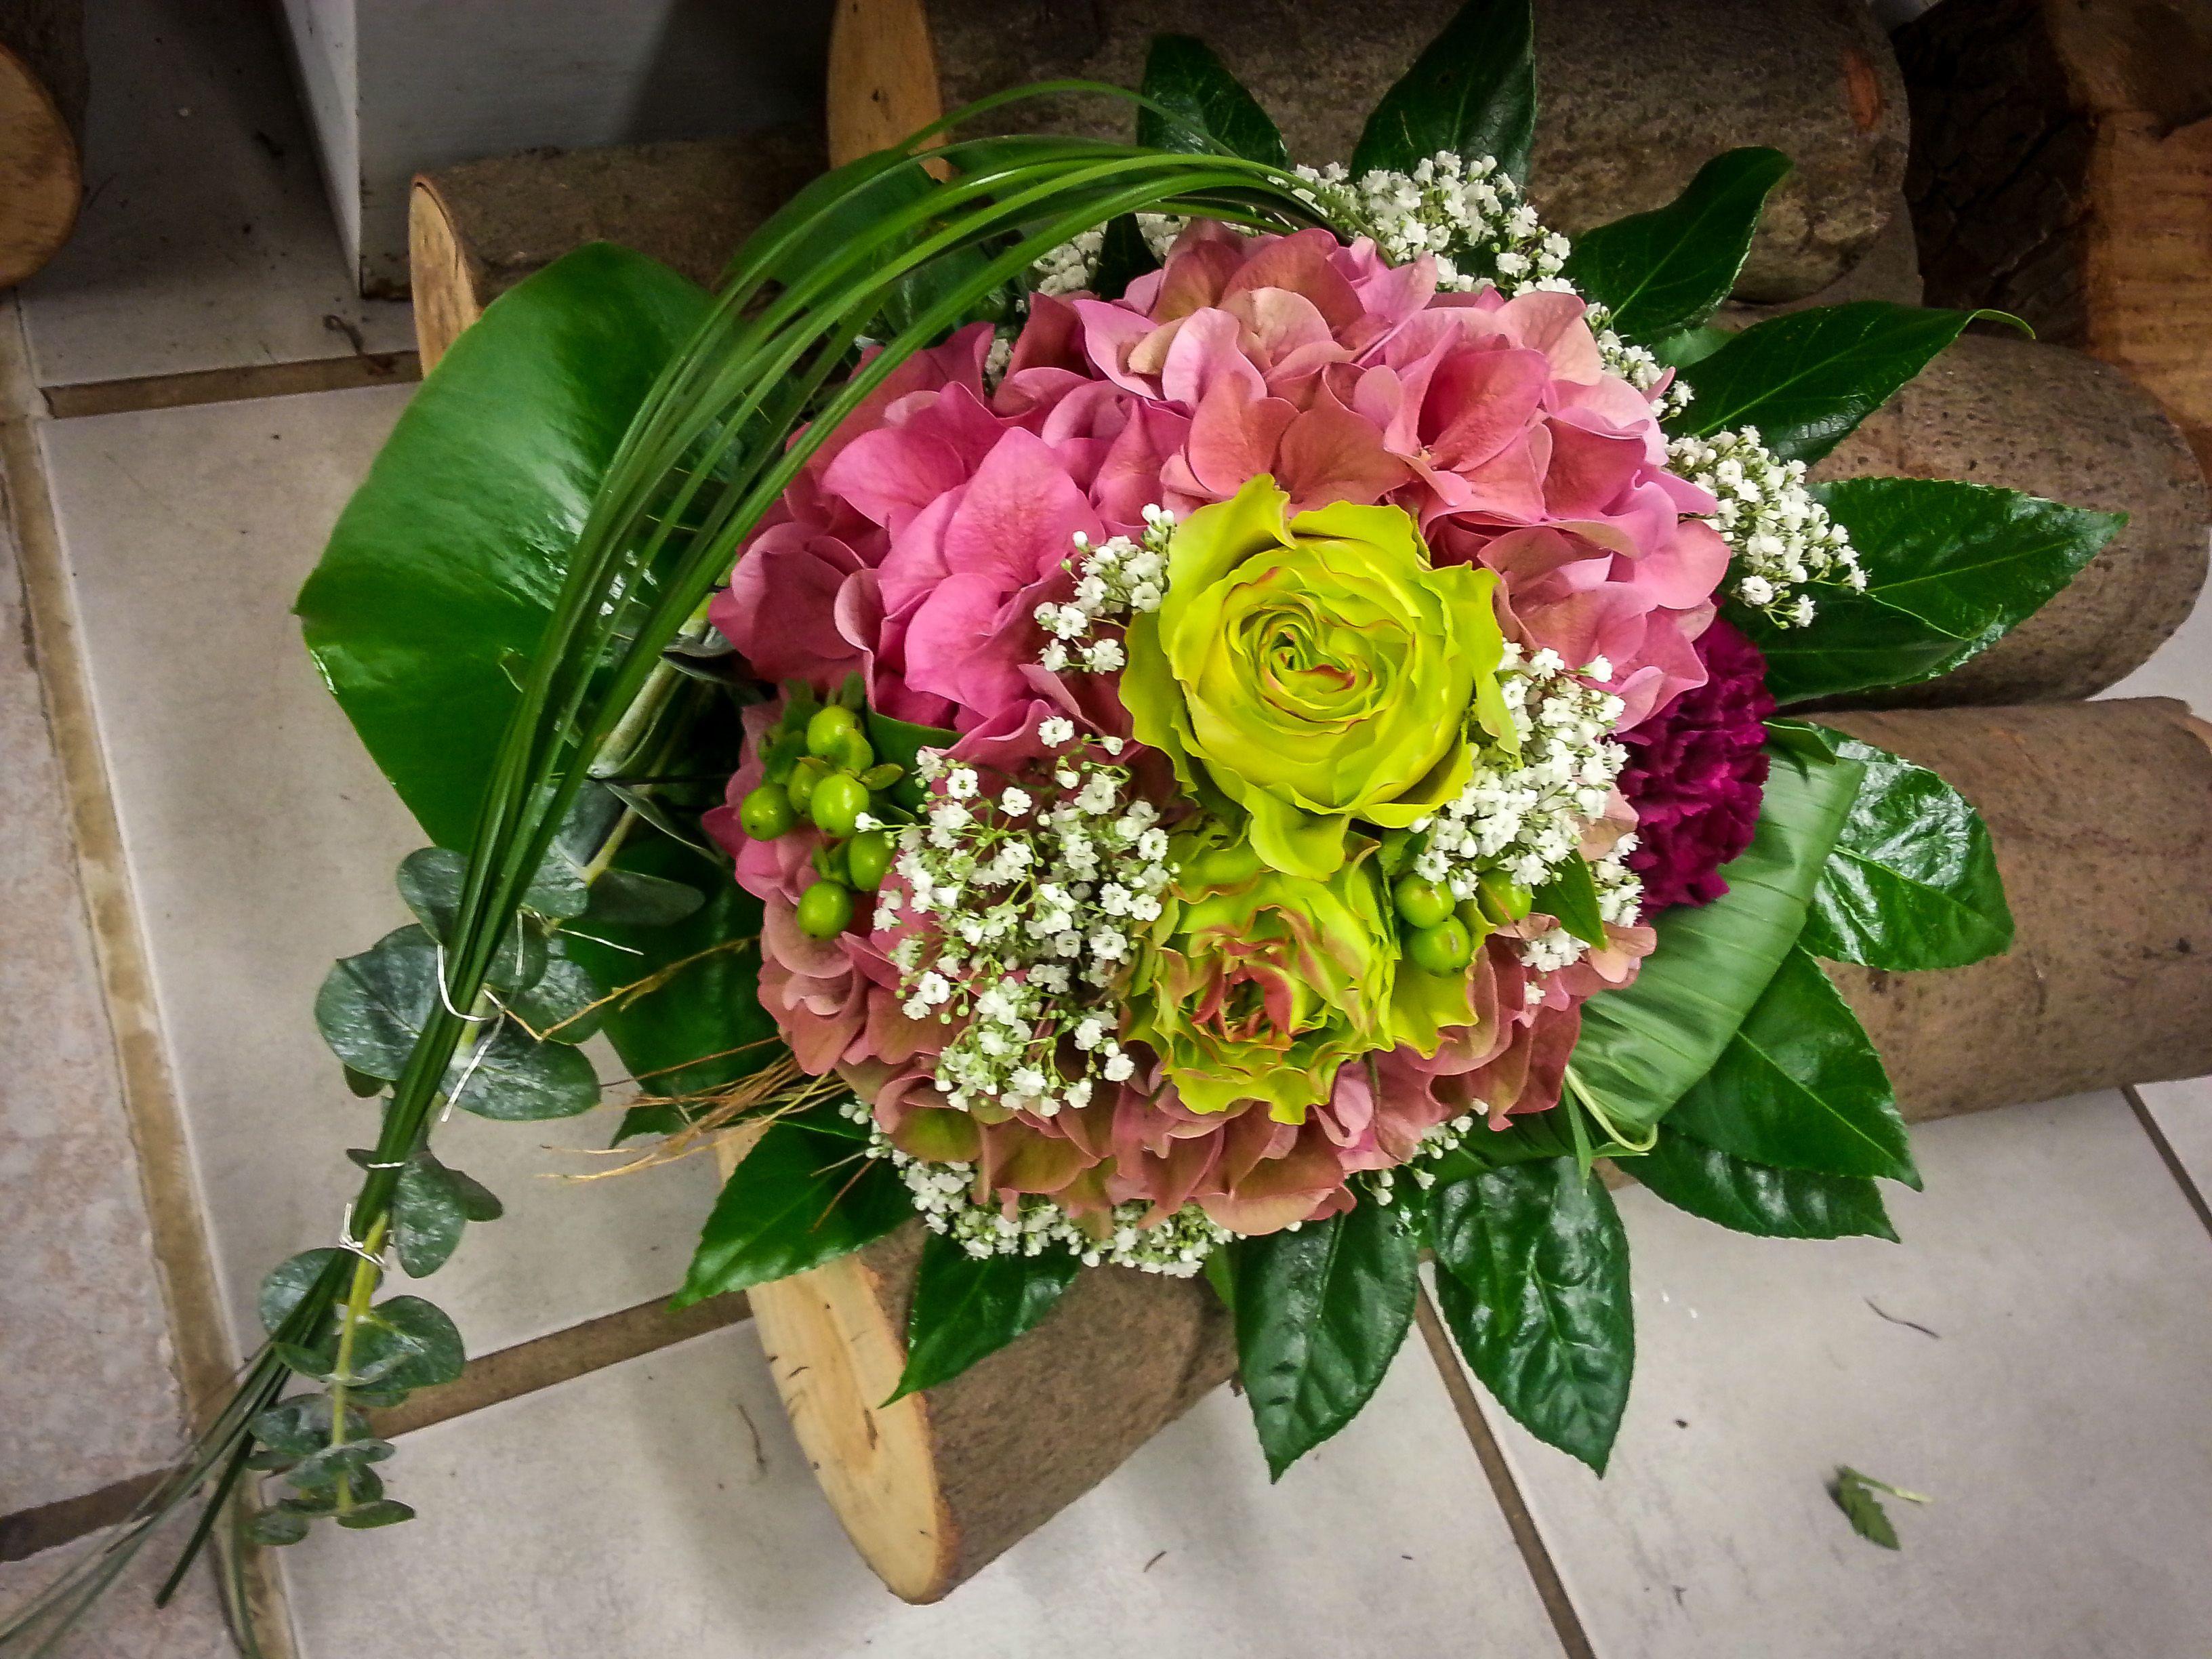 ergreife den schwung und sch pfe das leben aus floristik strau hortensien rosen. Black Bedroom Furniture Sets. Home Design Ideas